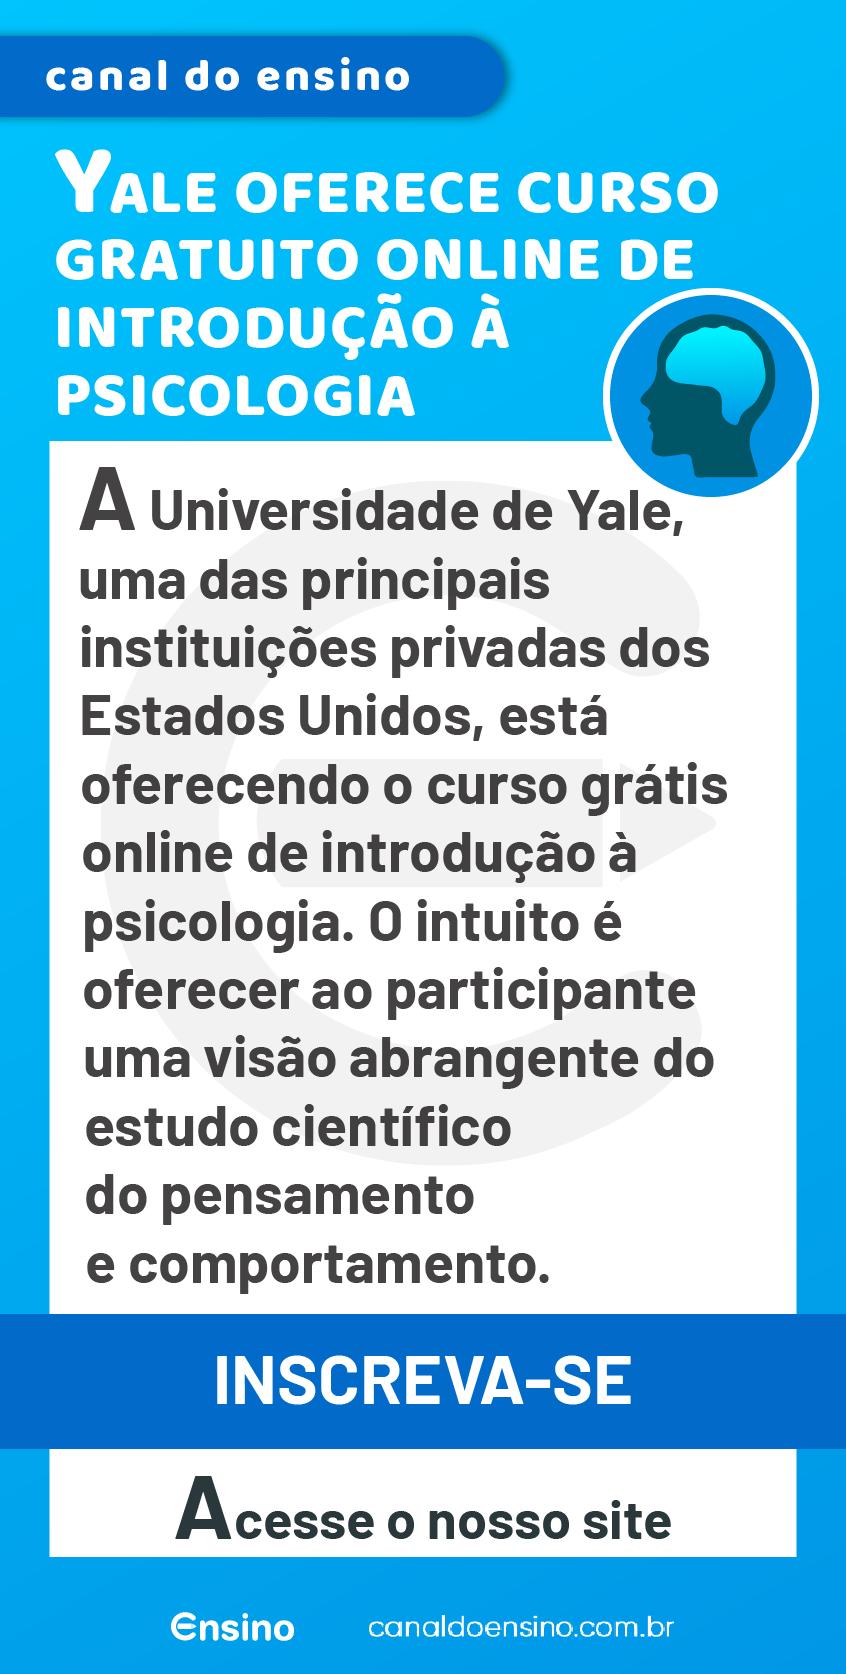 Yale Oferece Curso Gratuito Online De Introducao A Psicologia Cursos Gratuitos Cursos Online De Graca Cursos Gratuitos Com Certificado